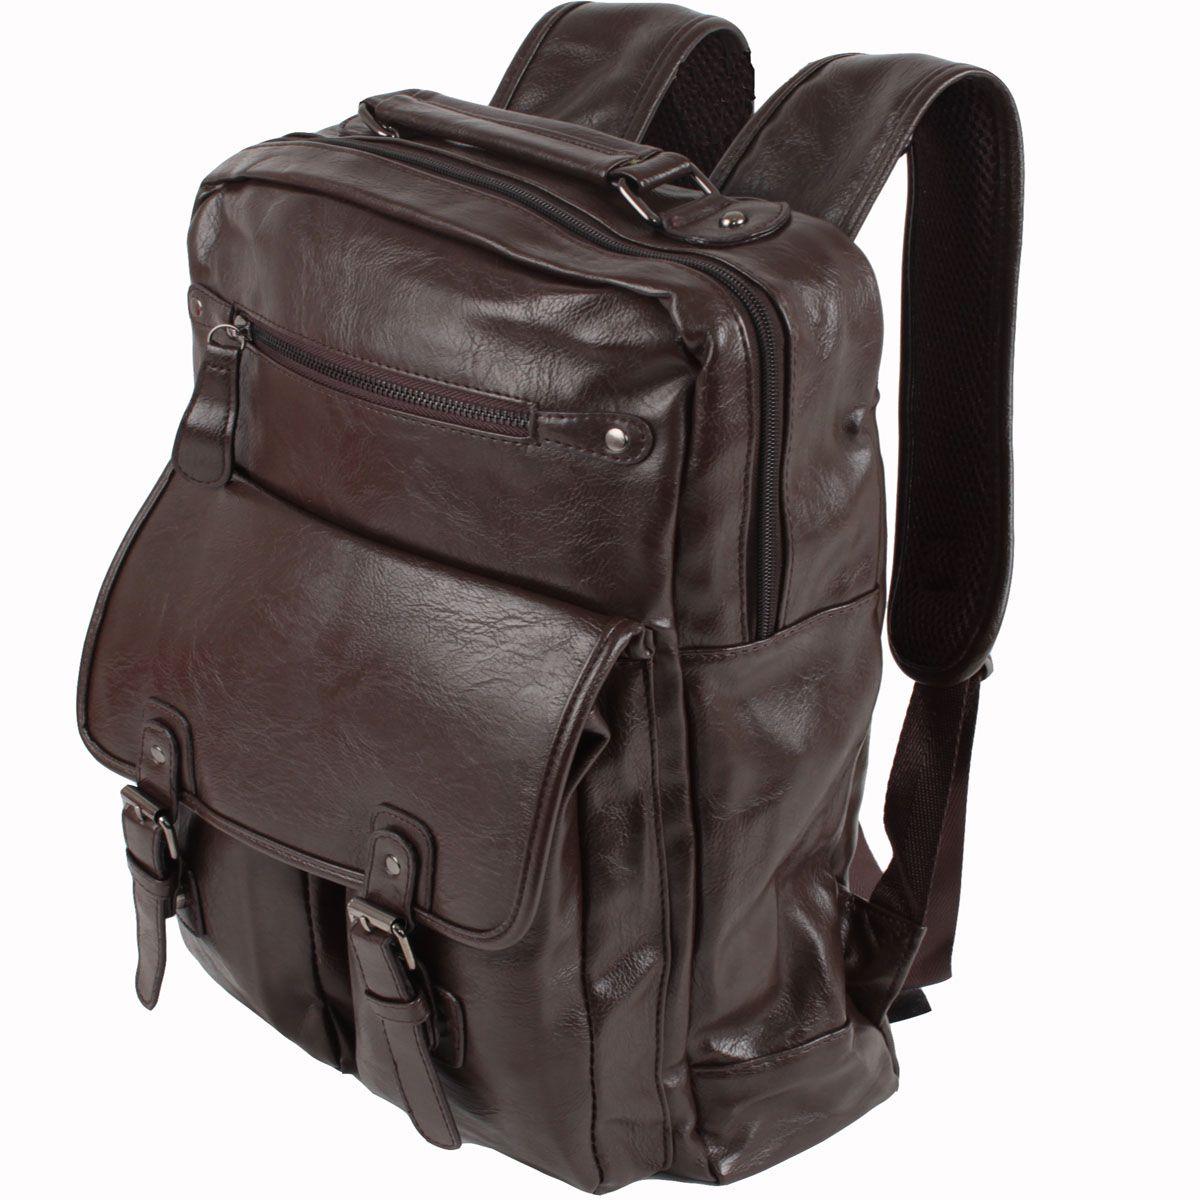 Сумка-рюкзак Flioraj, цвет: коричневый. 0921 коричн цена и фото